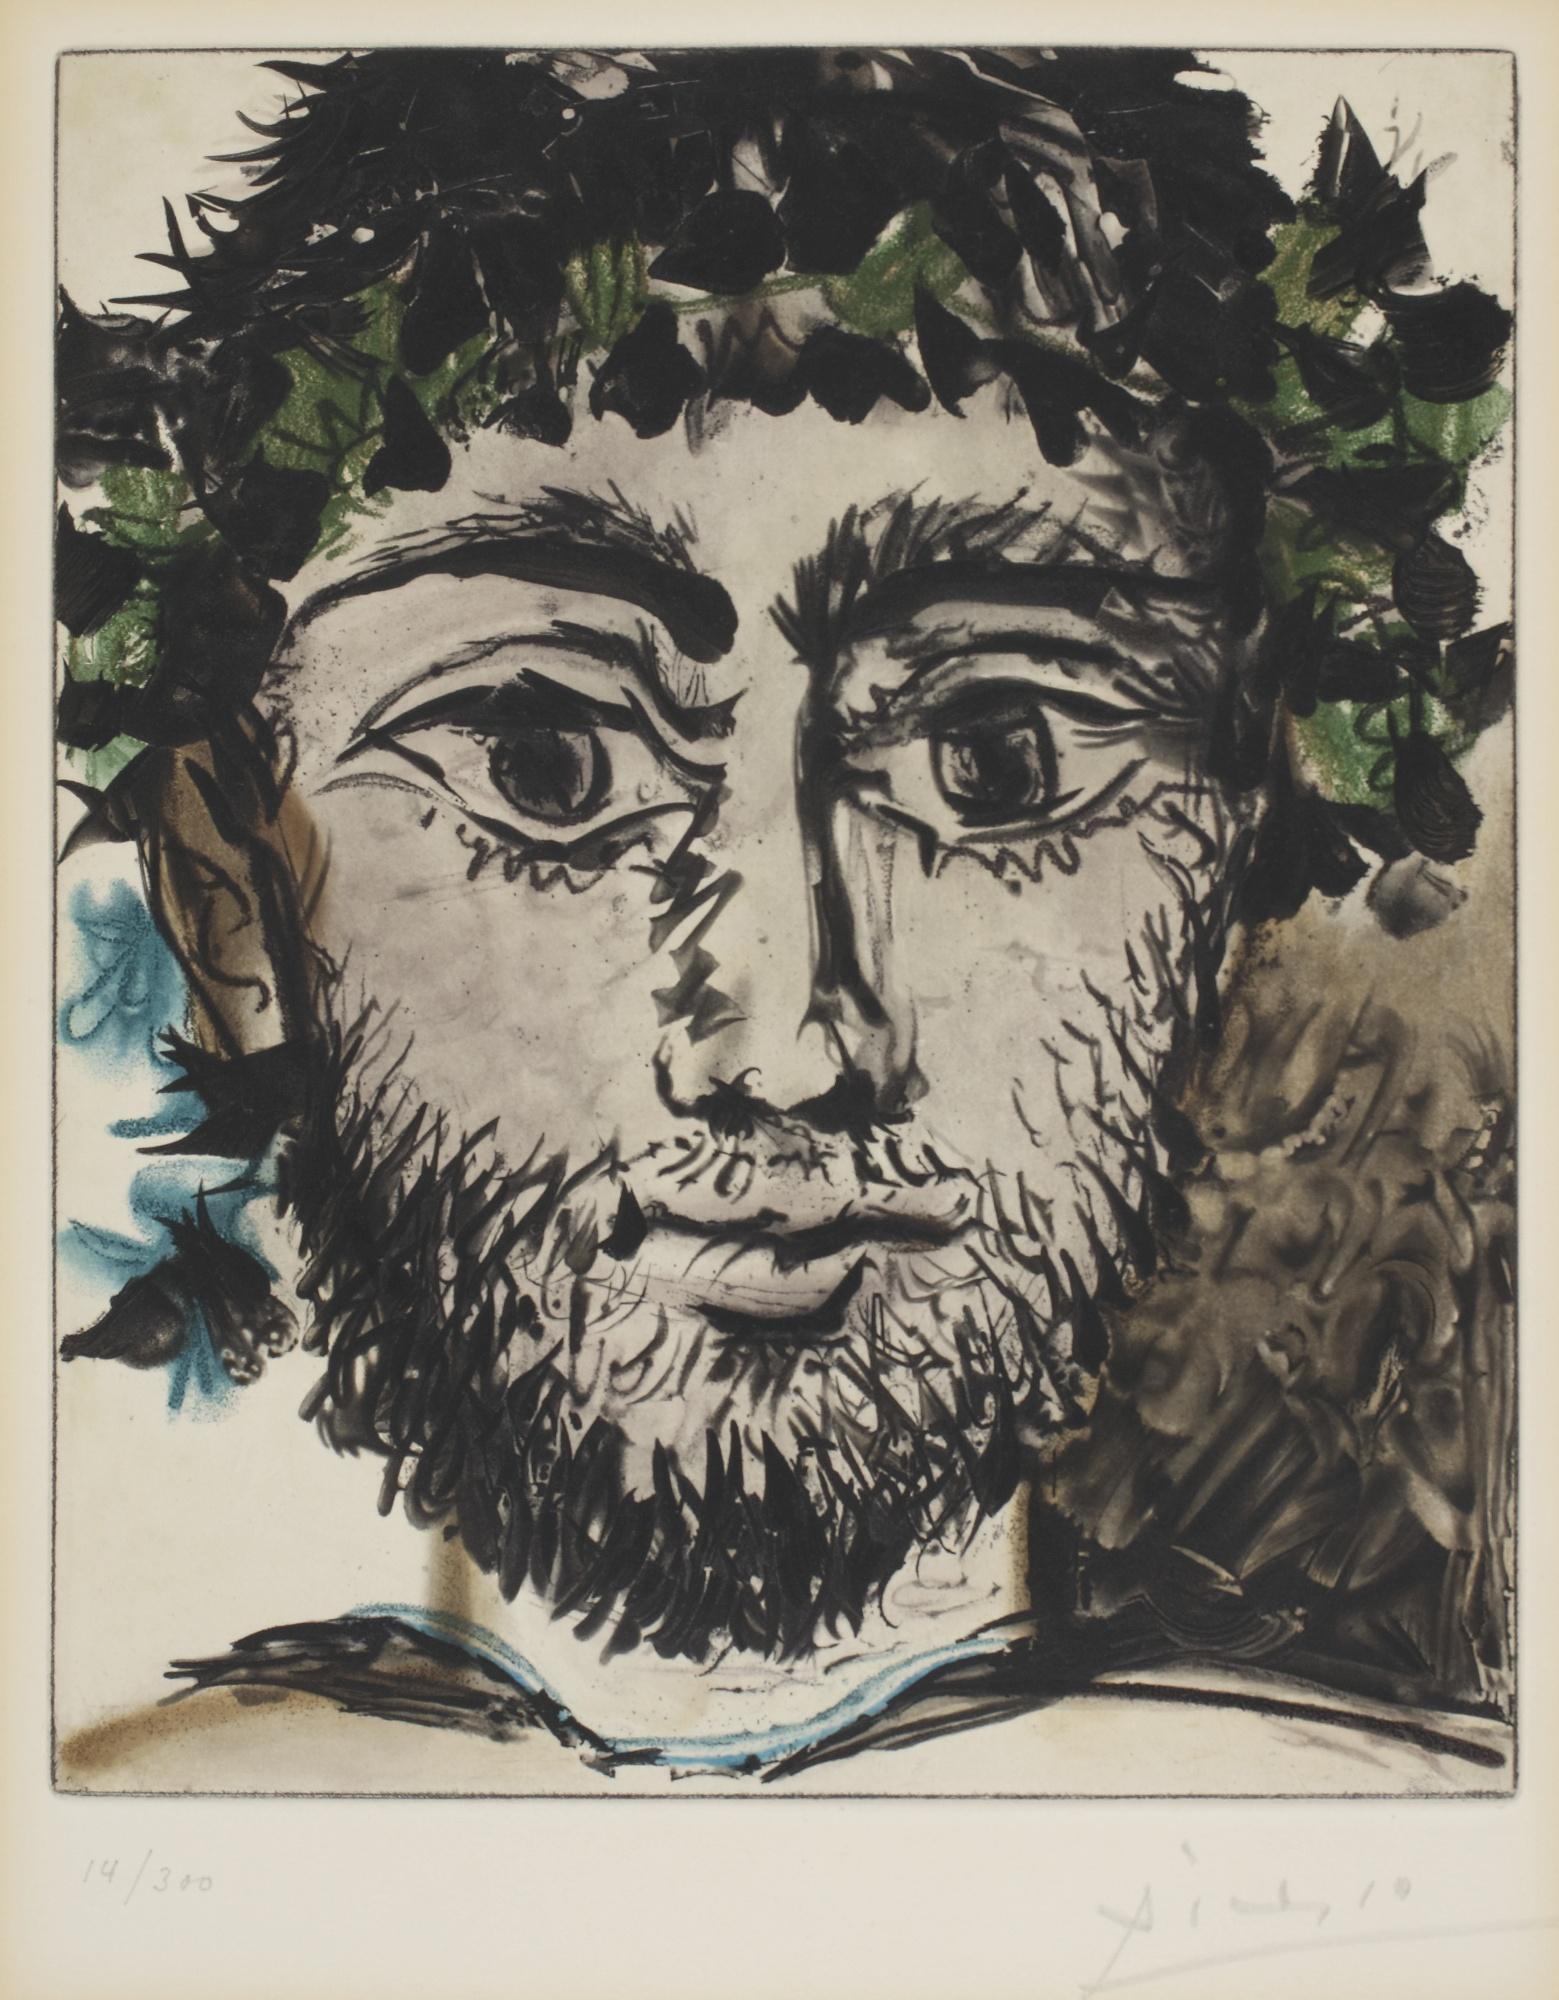 Pablo Picasso-After Pablo Picasso - Tete De Faune-1955